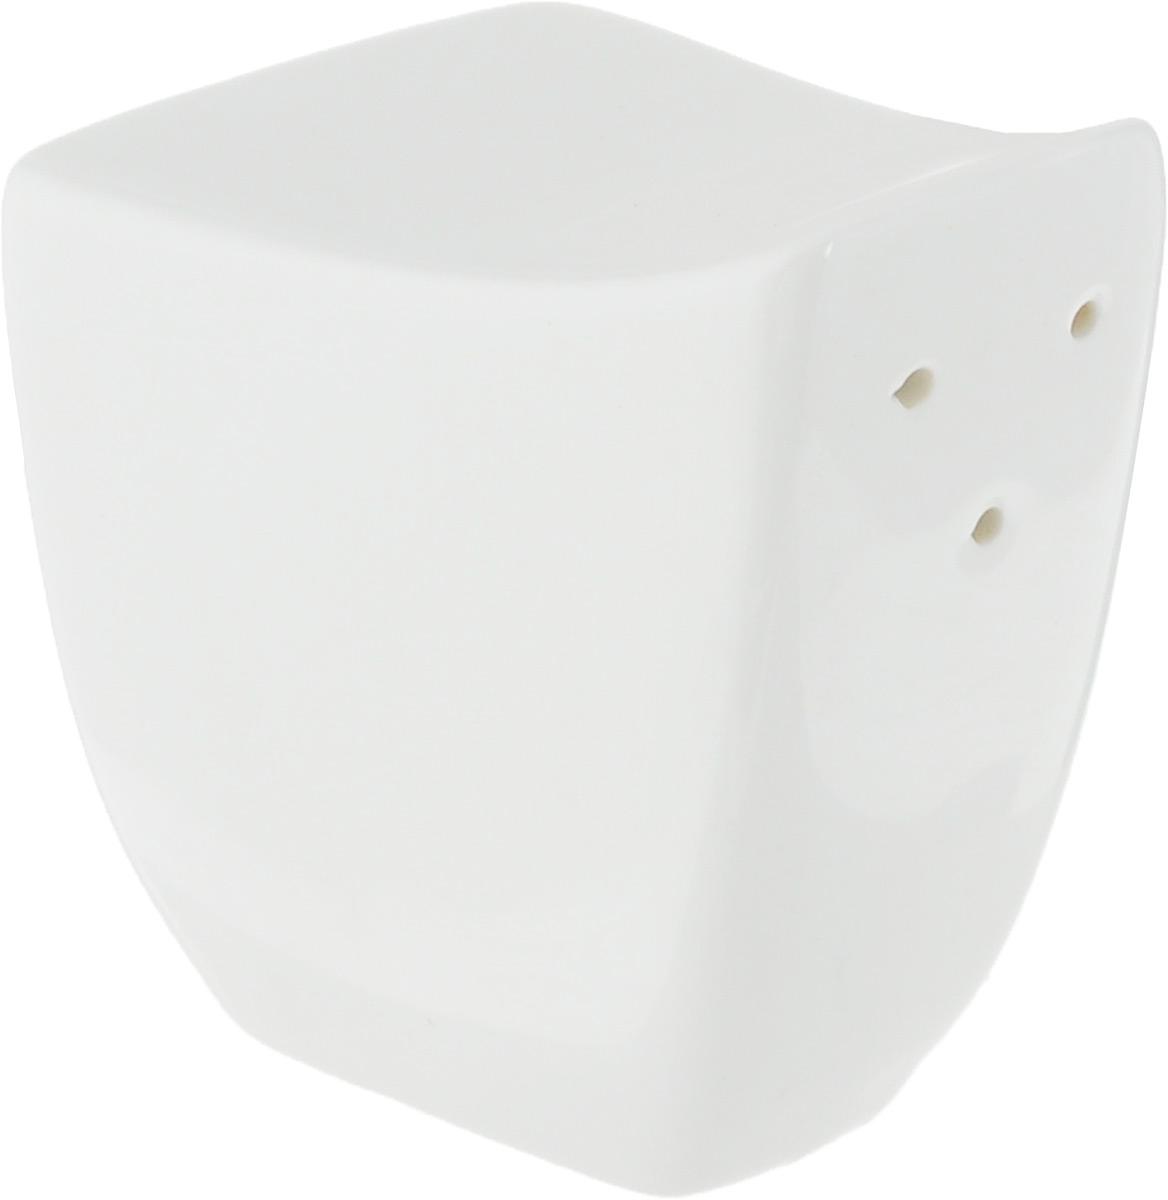 Солонка Ariane Rectangle, 5 х 5,5 х 4 см25526Солонка Ariane Rectangle изготовлена из высококачественного фарфора белого цвета. Солонка имеет три отверстия для высыпания соли, на дне - отверстие, позволяющее наполнить емкость, снабженное силиконовой вставкой.Такая солонка украсит сервировку вашего стола и подчеркнет прекрасный вкус хозяина, а также станет отличным подарком.Можно мыть в посудомоечной машине.